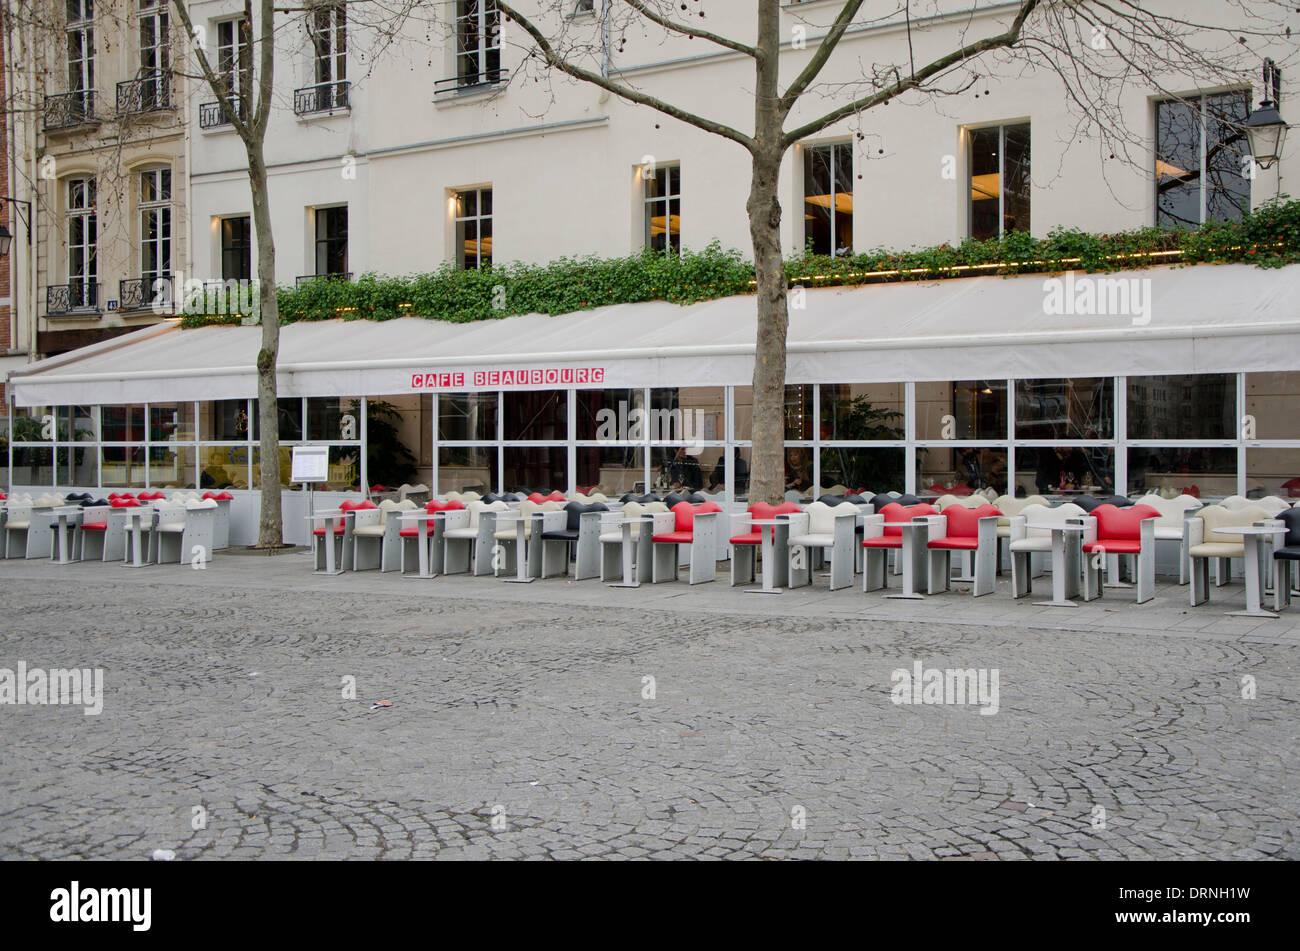 Terrasse du café Beaubourg vide en face de centre Pompidou dans le Marais, Paris, France Banque D'Images